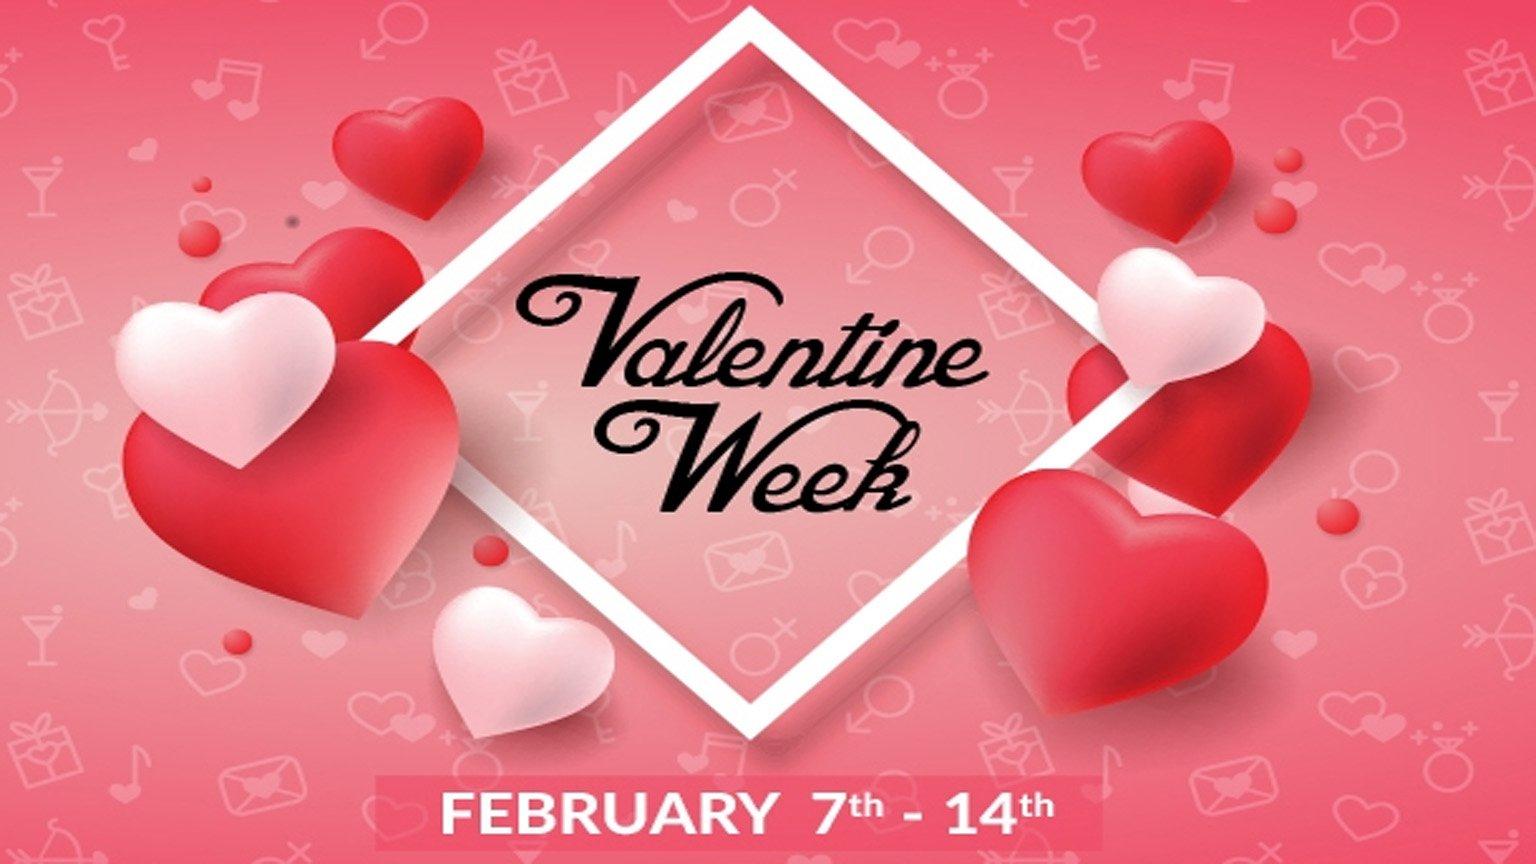 Valentine's Week